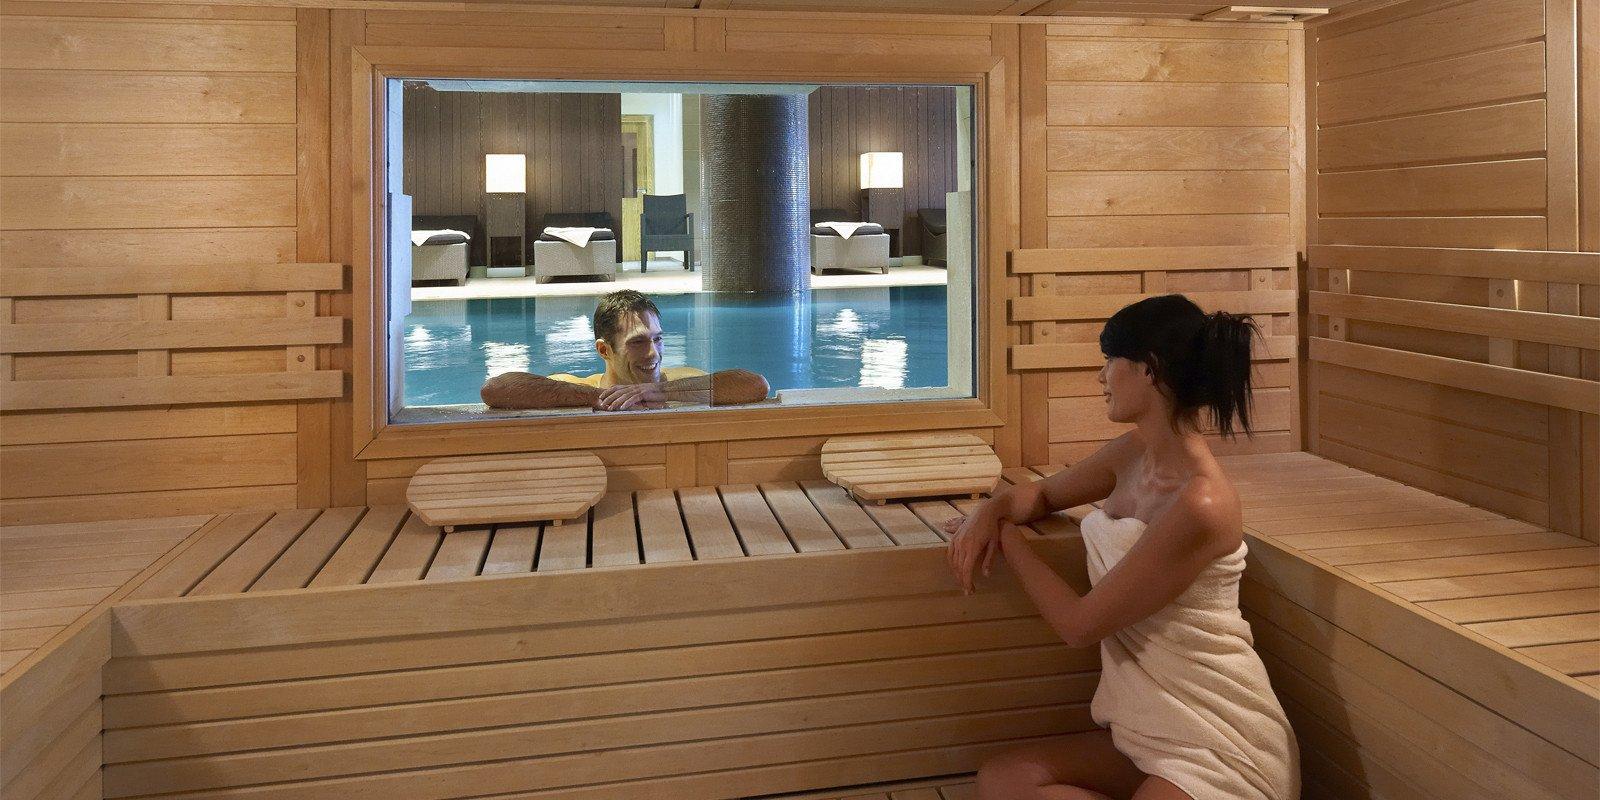 Devi Costruire Il Bagno Turco O La Sauna Finlandese